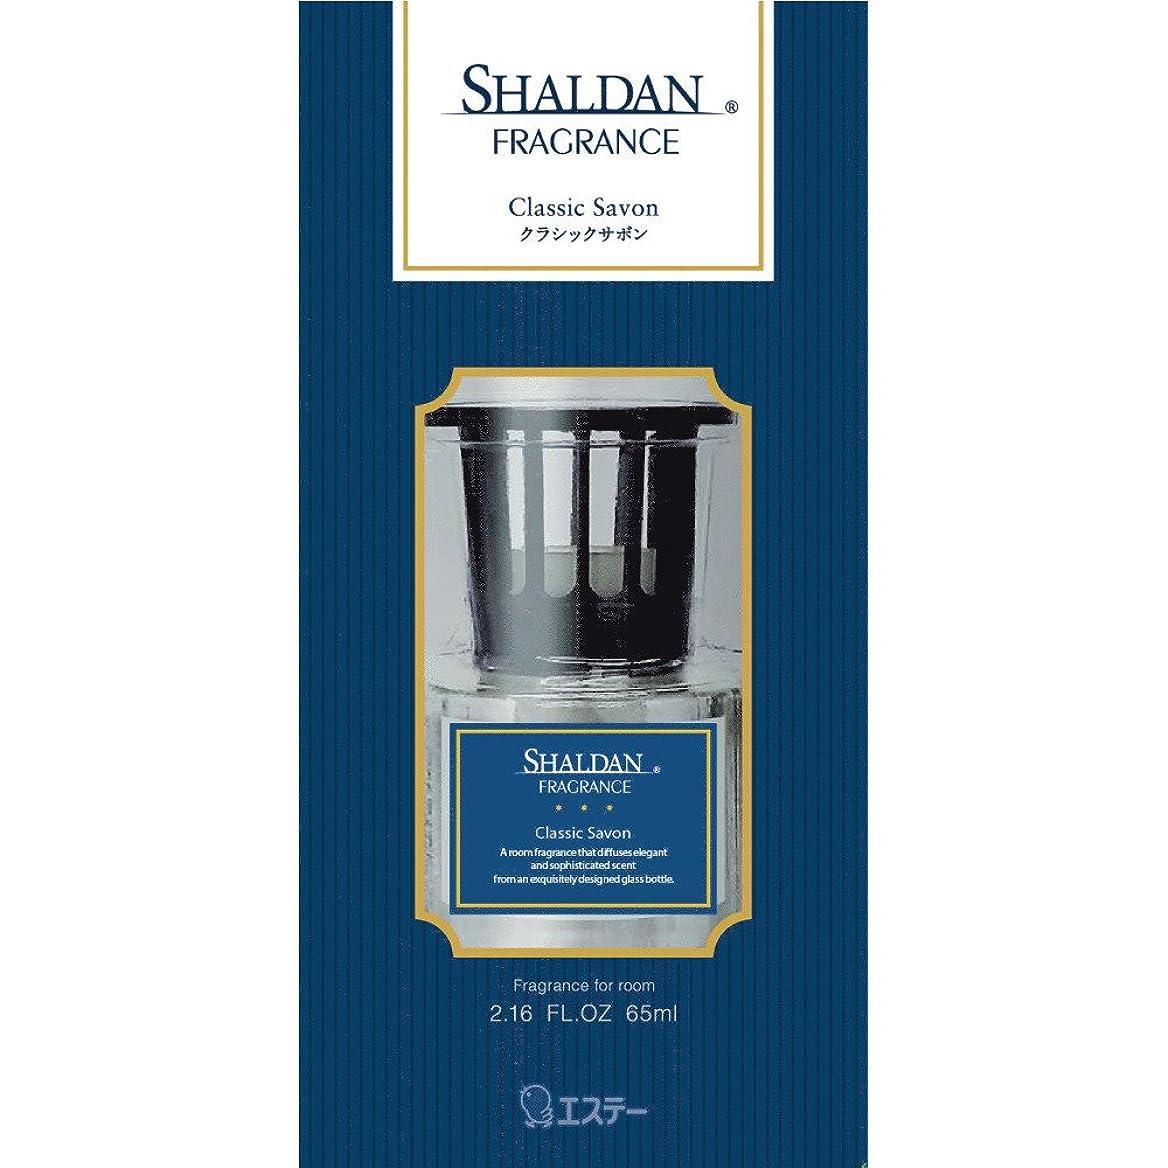 鎖解体するアミューズシャルダン SHALDAN フレグランス 消臭芳香剤 部屋用 本体 クラシックサボン 65ml